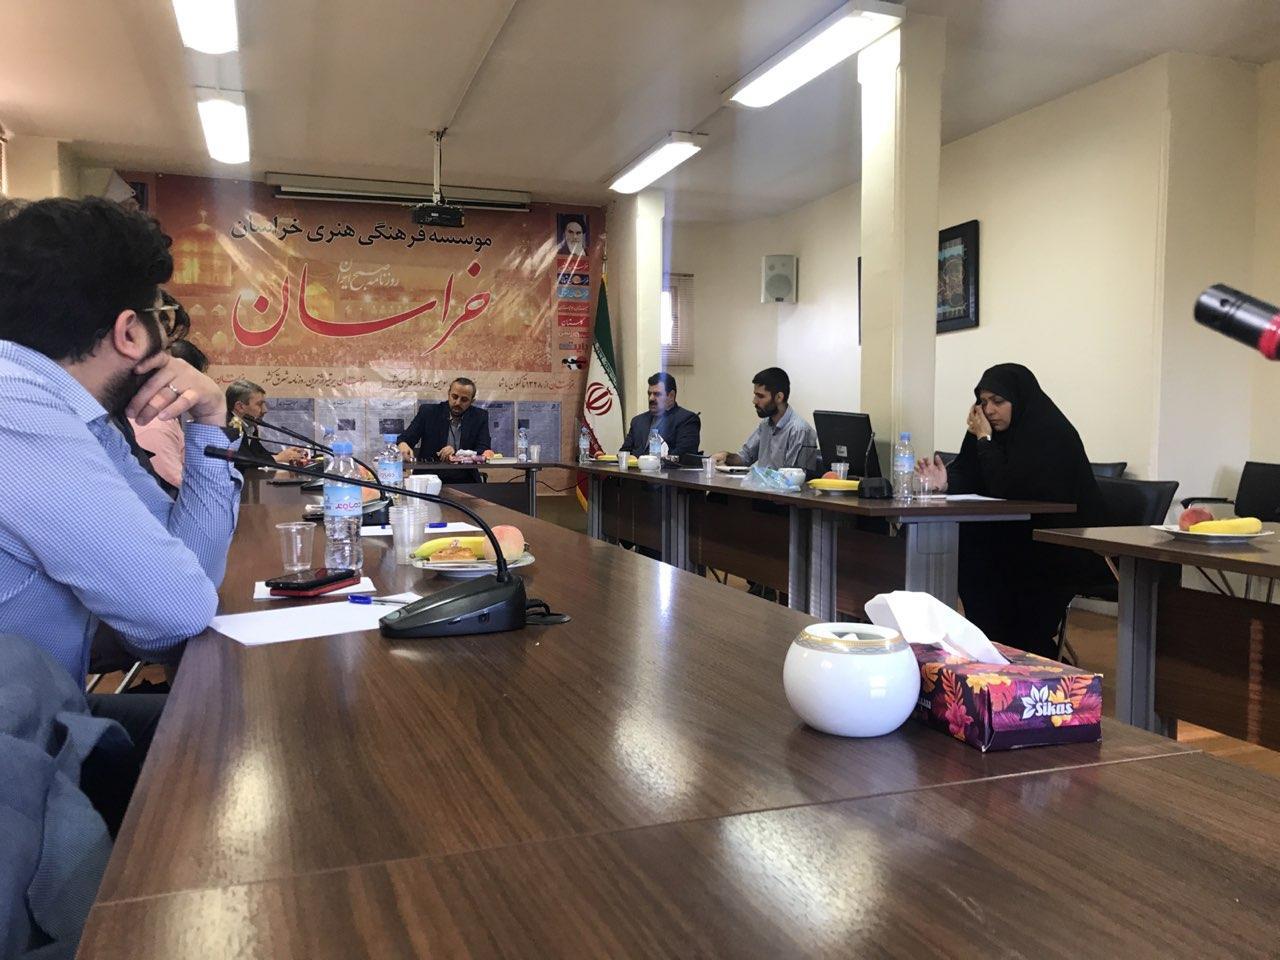 هیئت رئیسه خانه مطبوعات و رسانه های خراسان رضوی انتخاب شدند